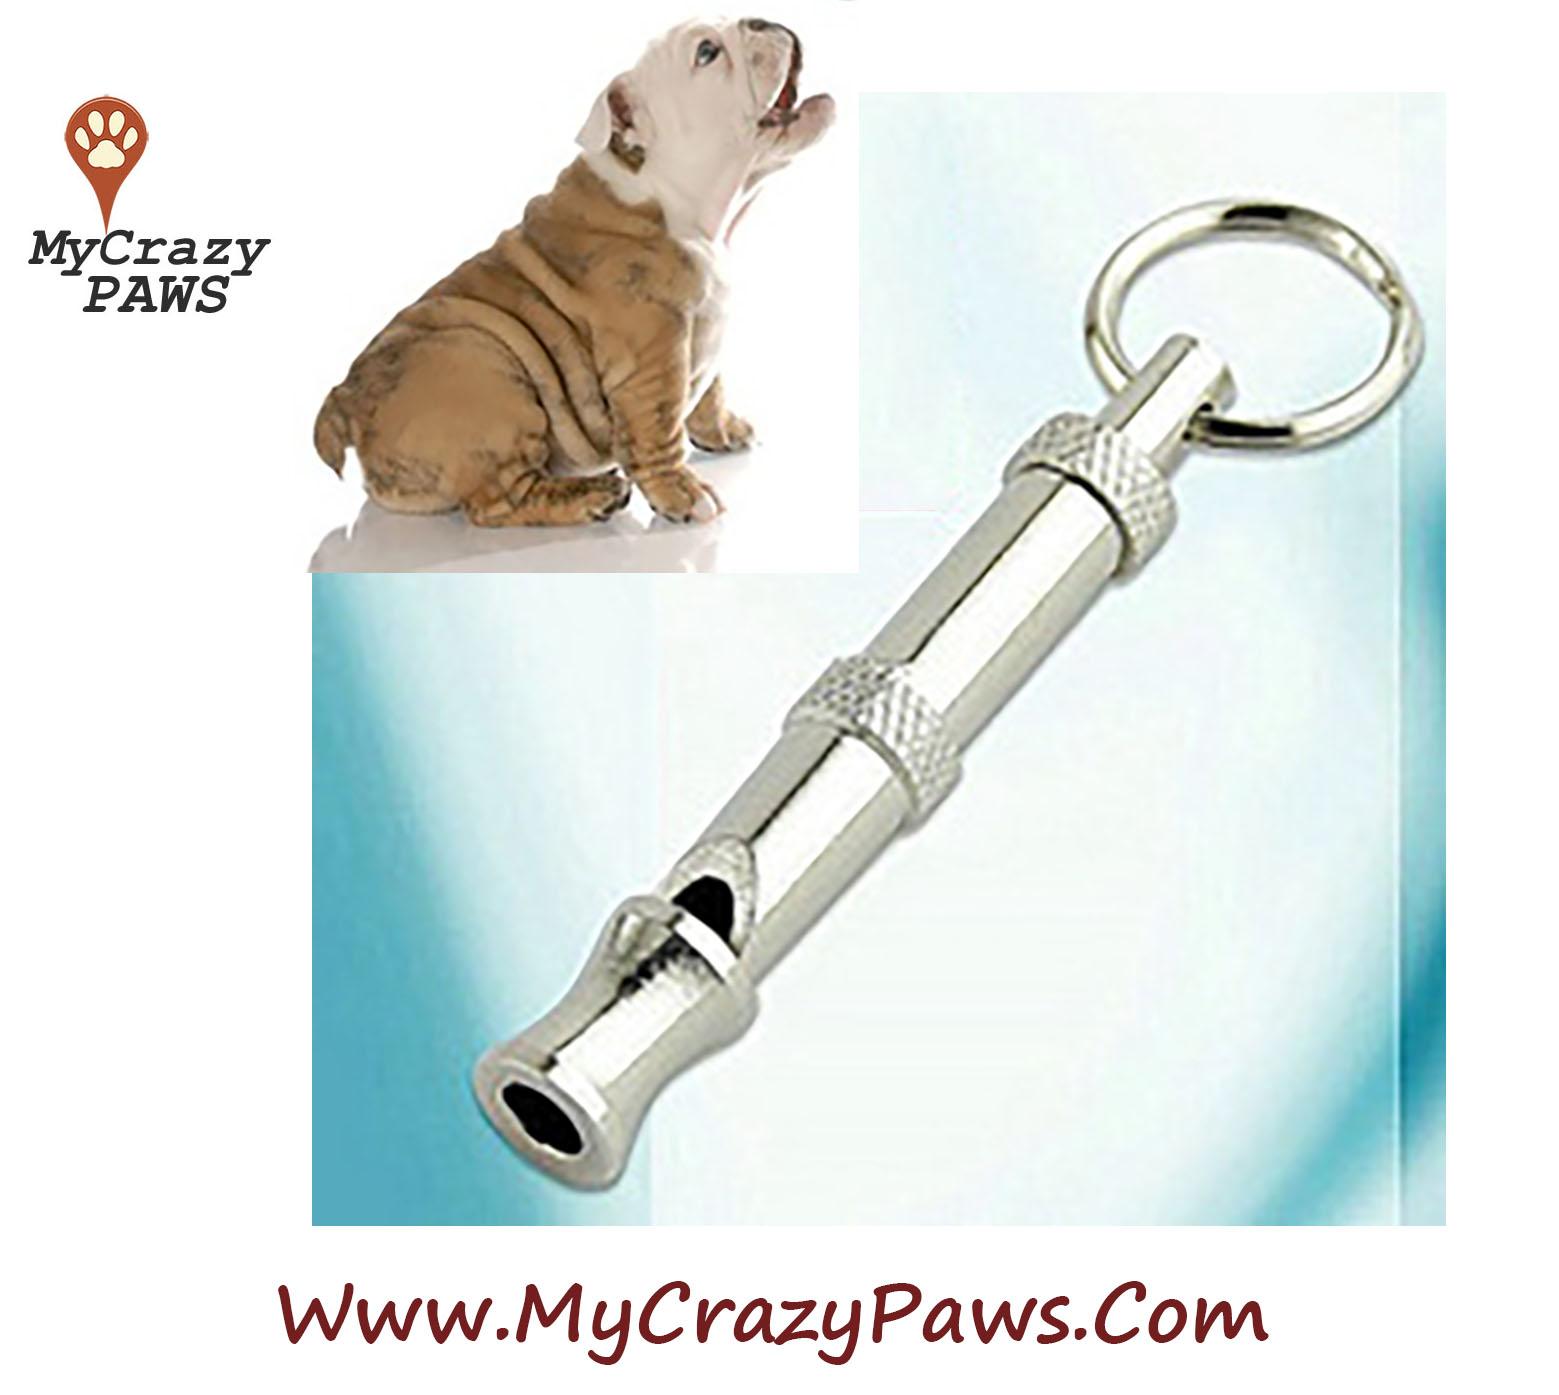 Dog Training Whistle - Free Shipping